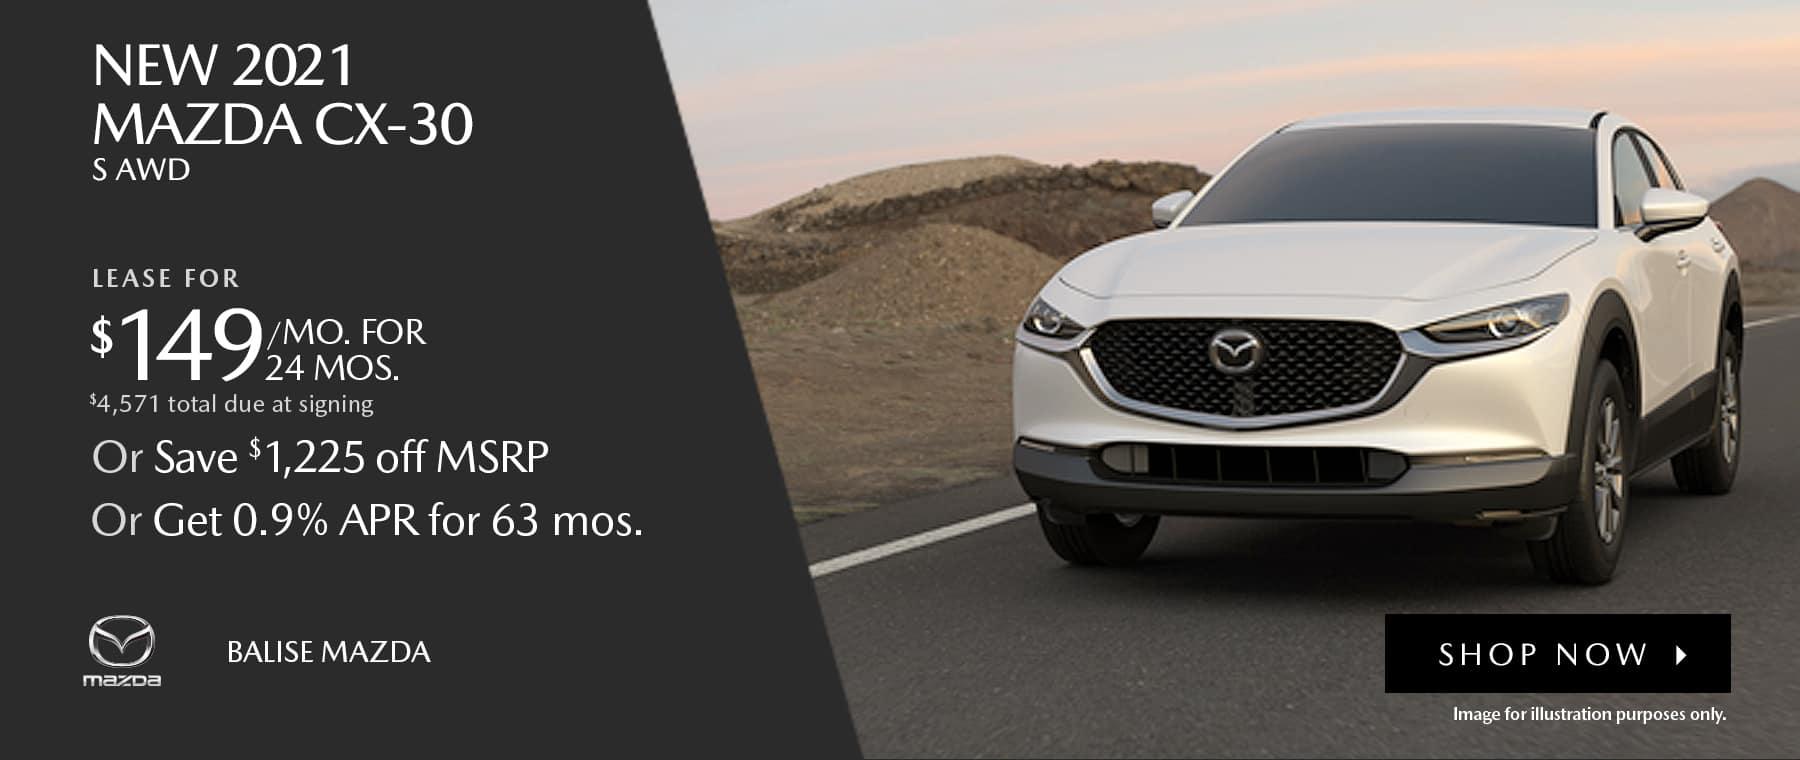 BMAZ-HomePageBanner-1800×760- New 2021 _Mazda CX-30 S AWD_04'21